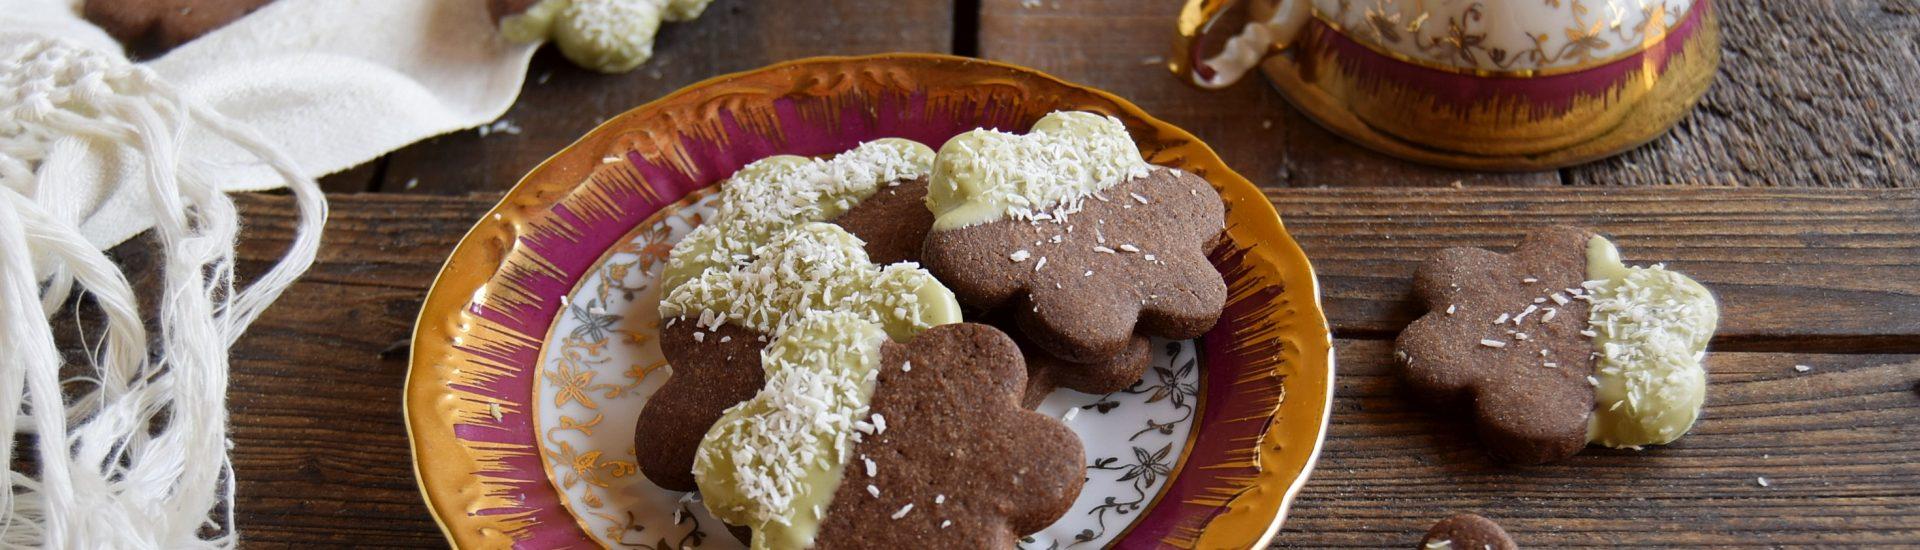 iscotti al cioccolato glassati al pistacchio